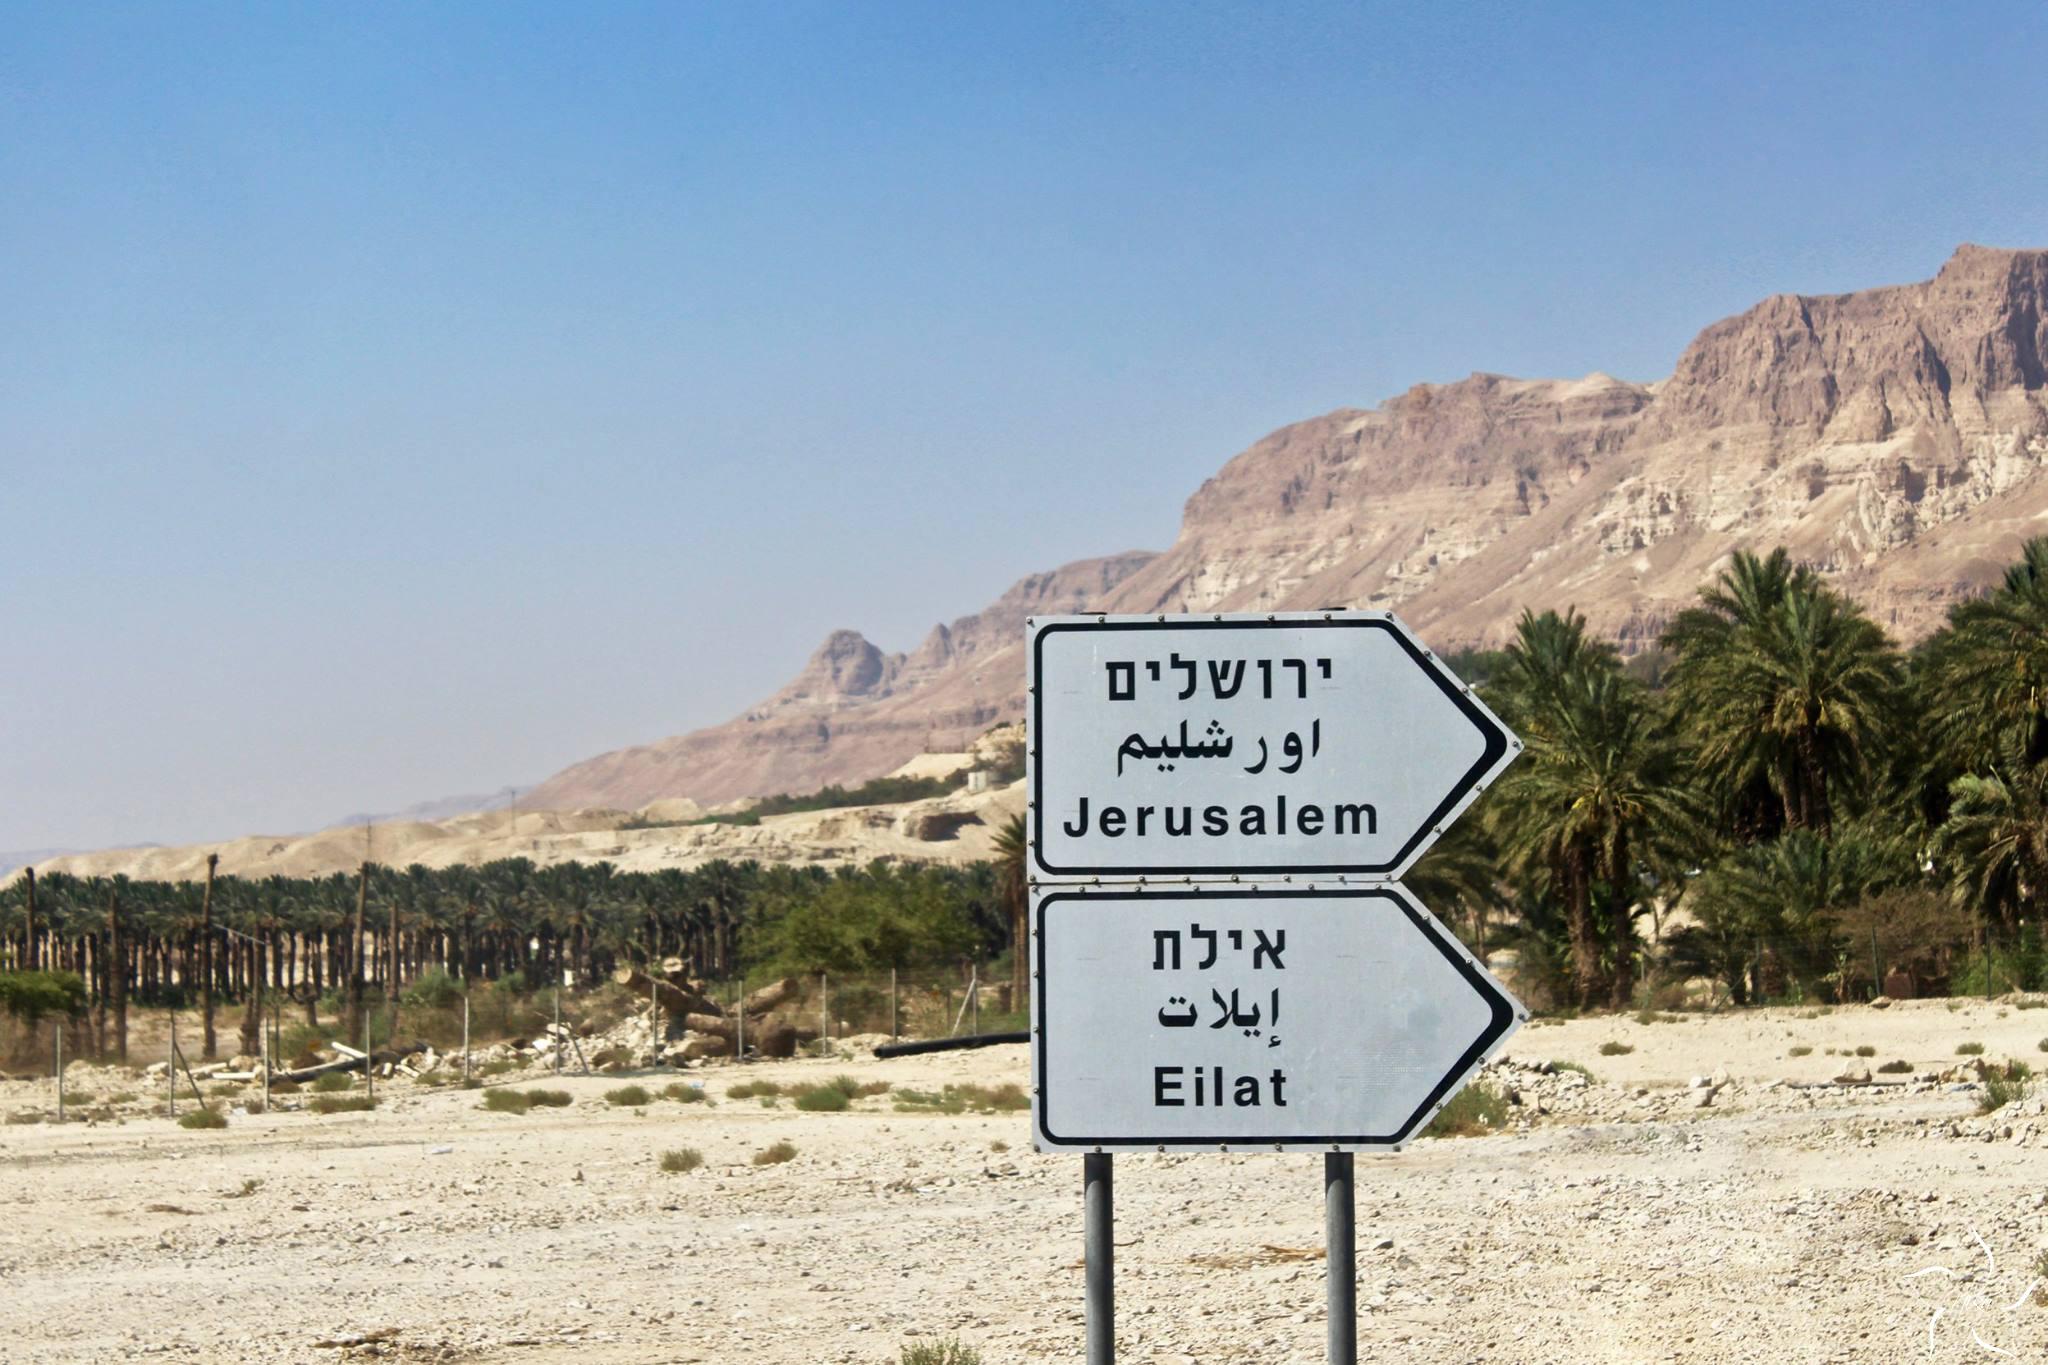 izrael cestovanie jeruzalem eilat